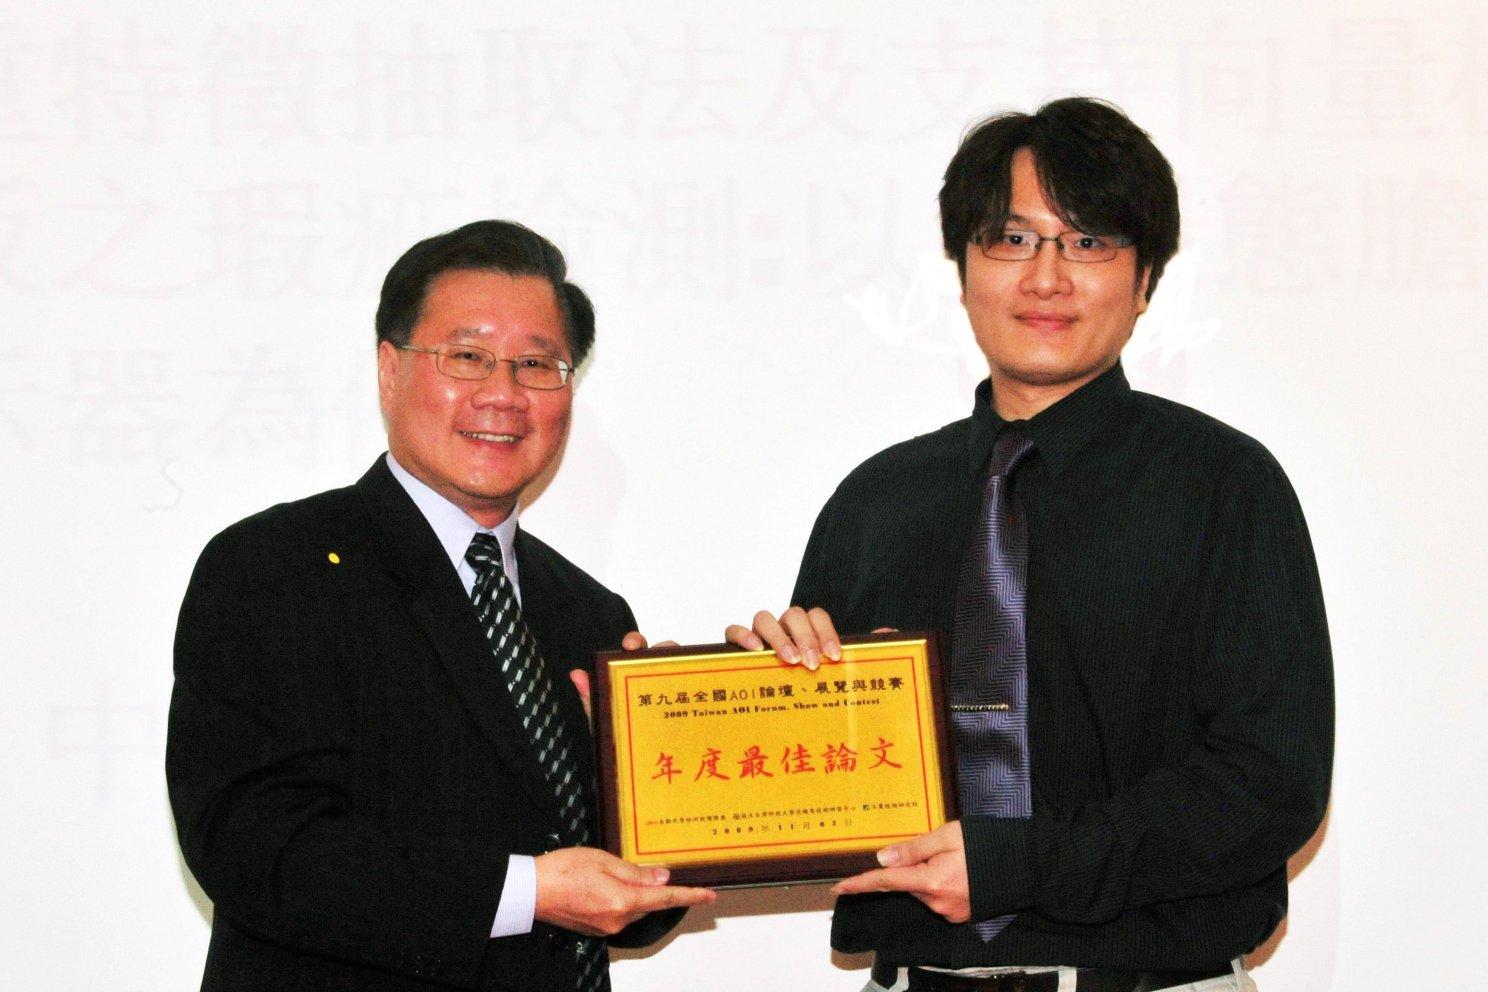 機械系劉益宏老師、薛昭能同學榮獲「AOI年度最佳論文」獎